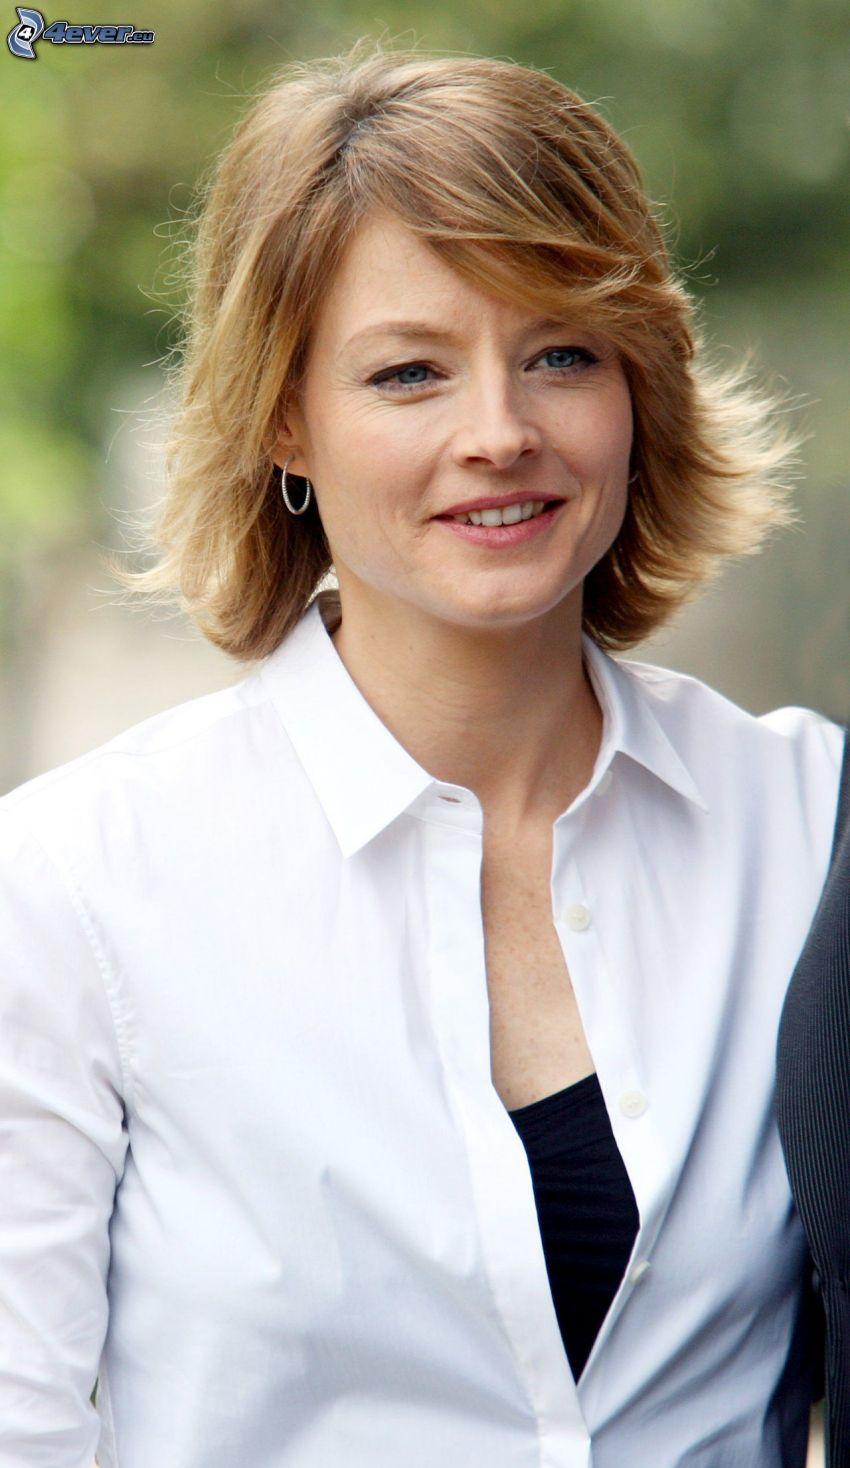 Jodie Foster, camisa blanca, sonrisa